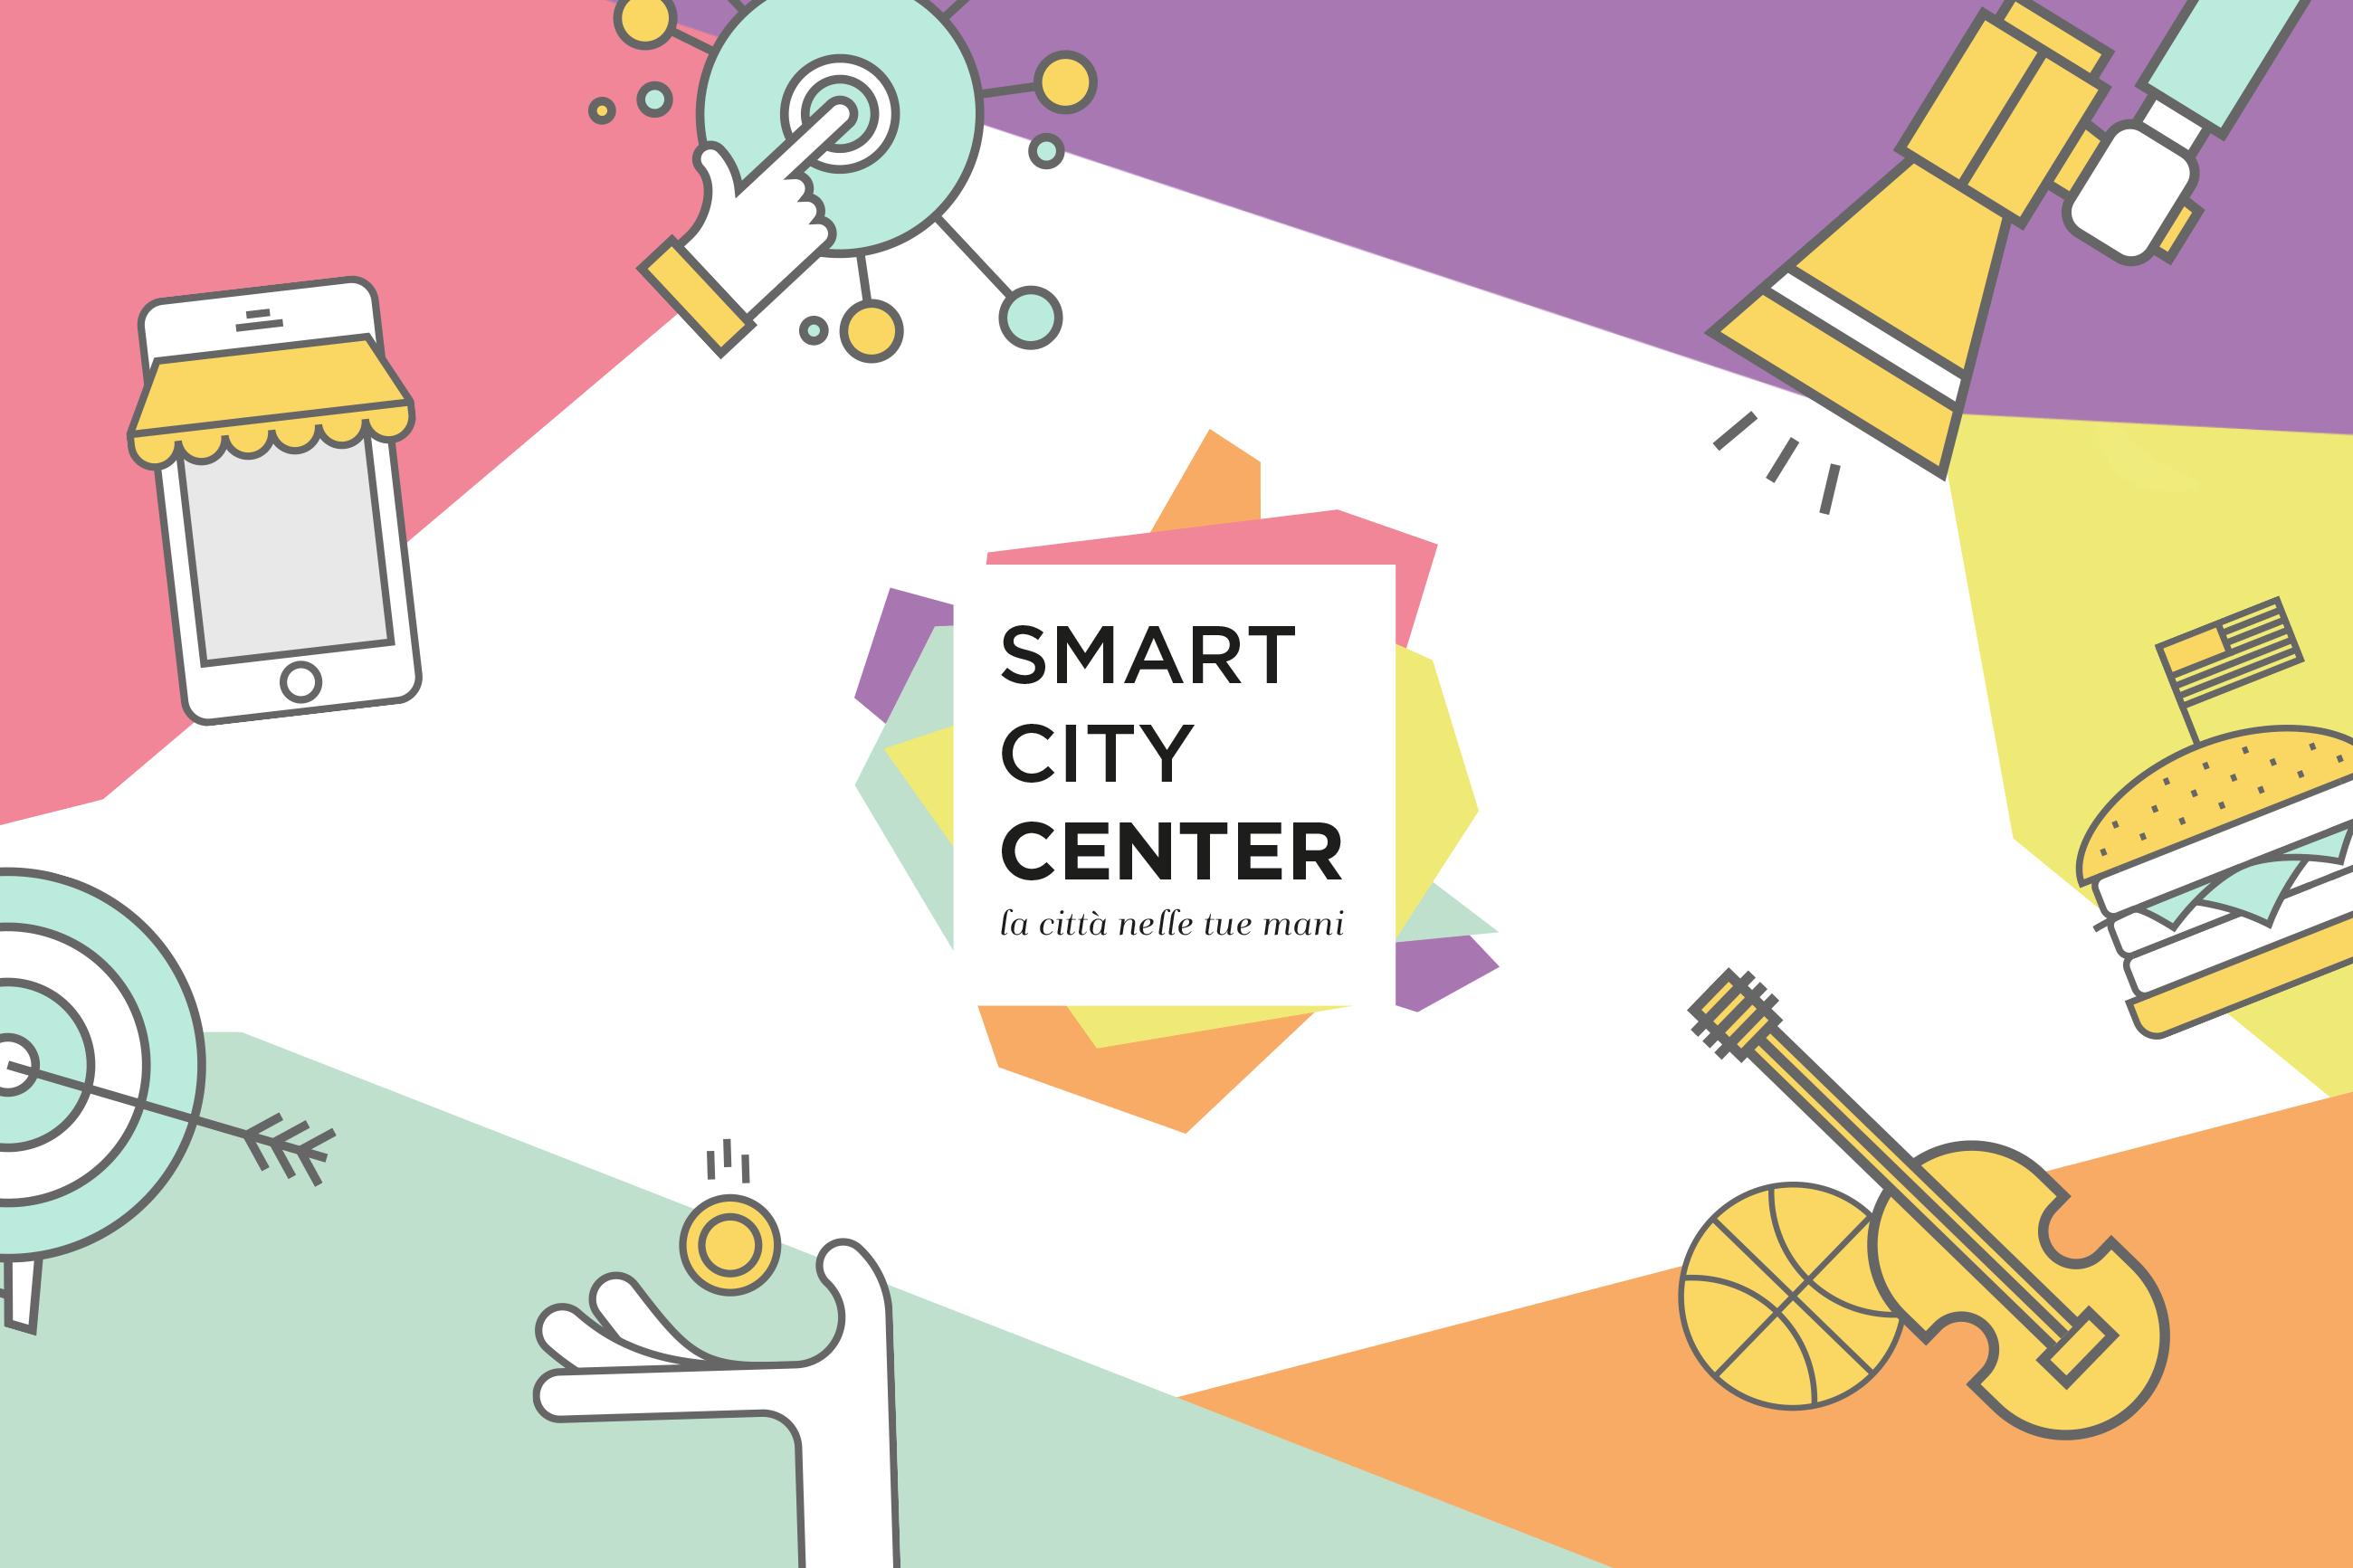 Smart City Center